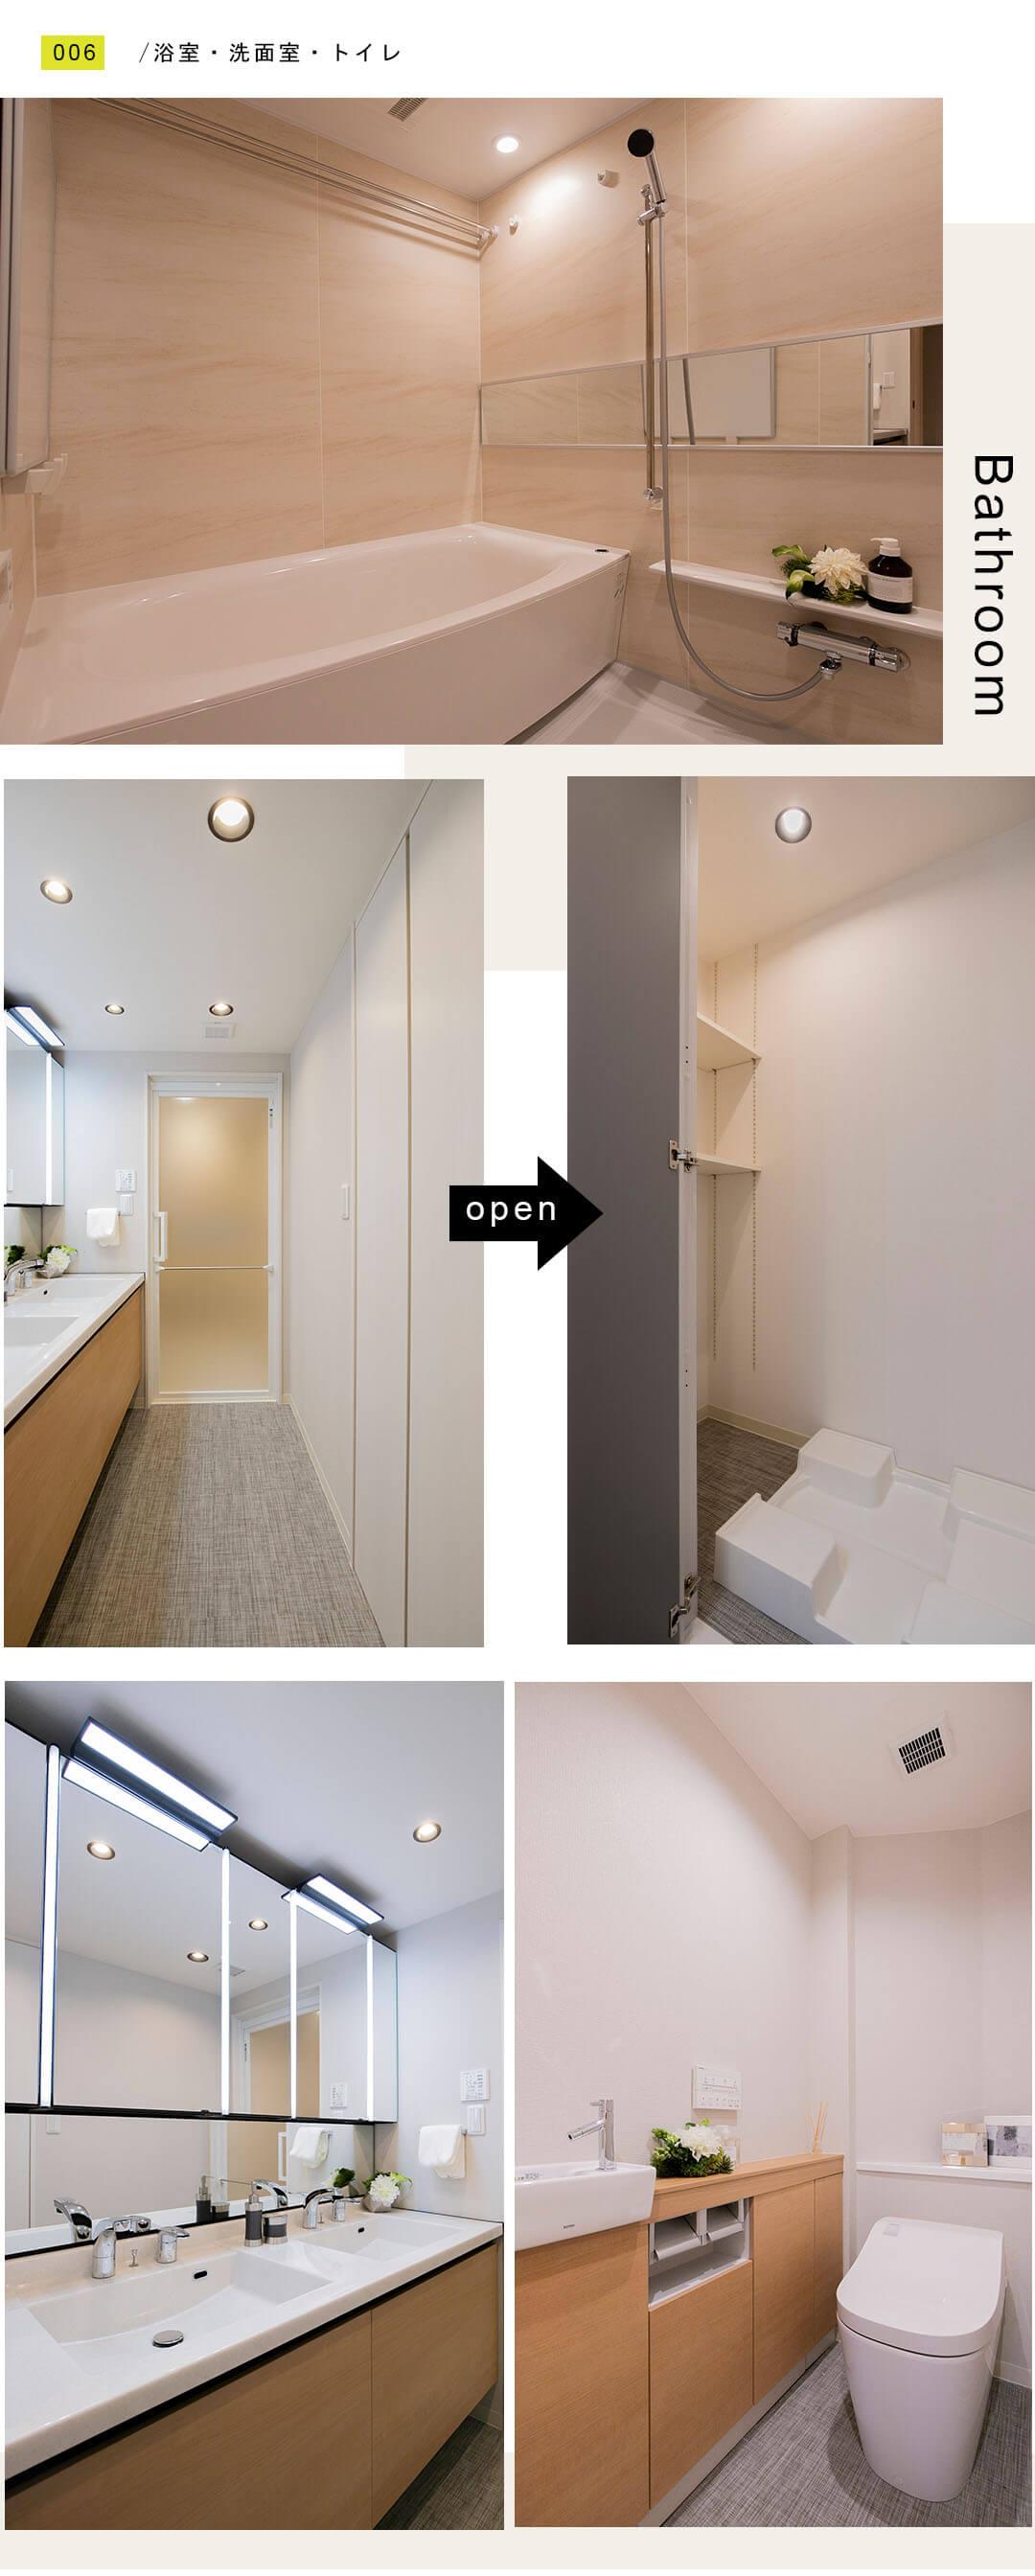 品川Vタワーの浴室と洗面室とトイレ